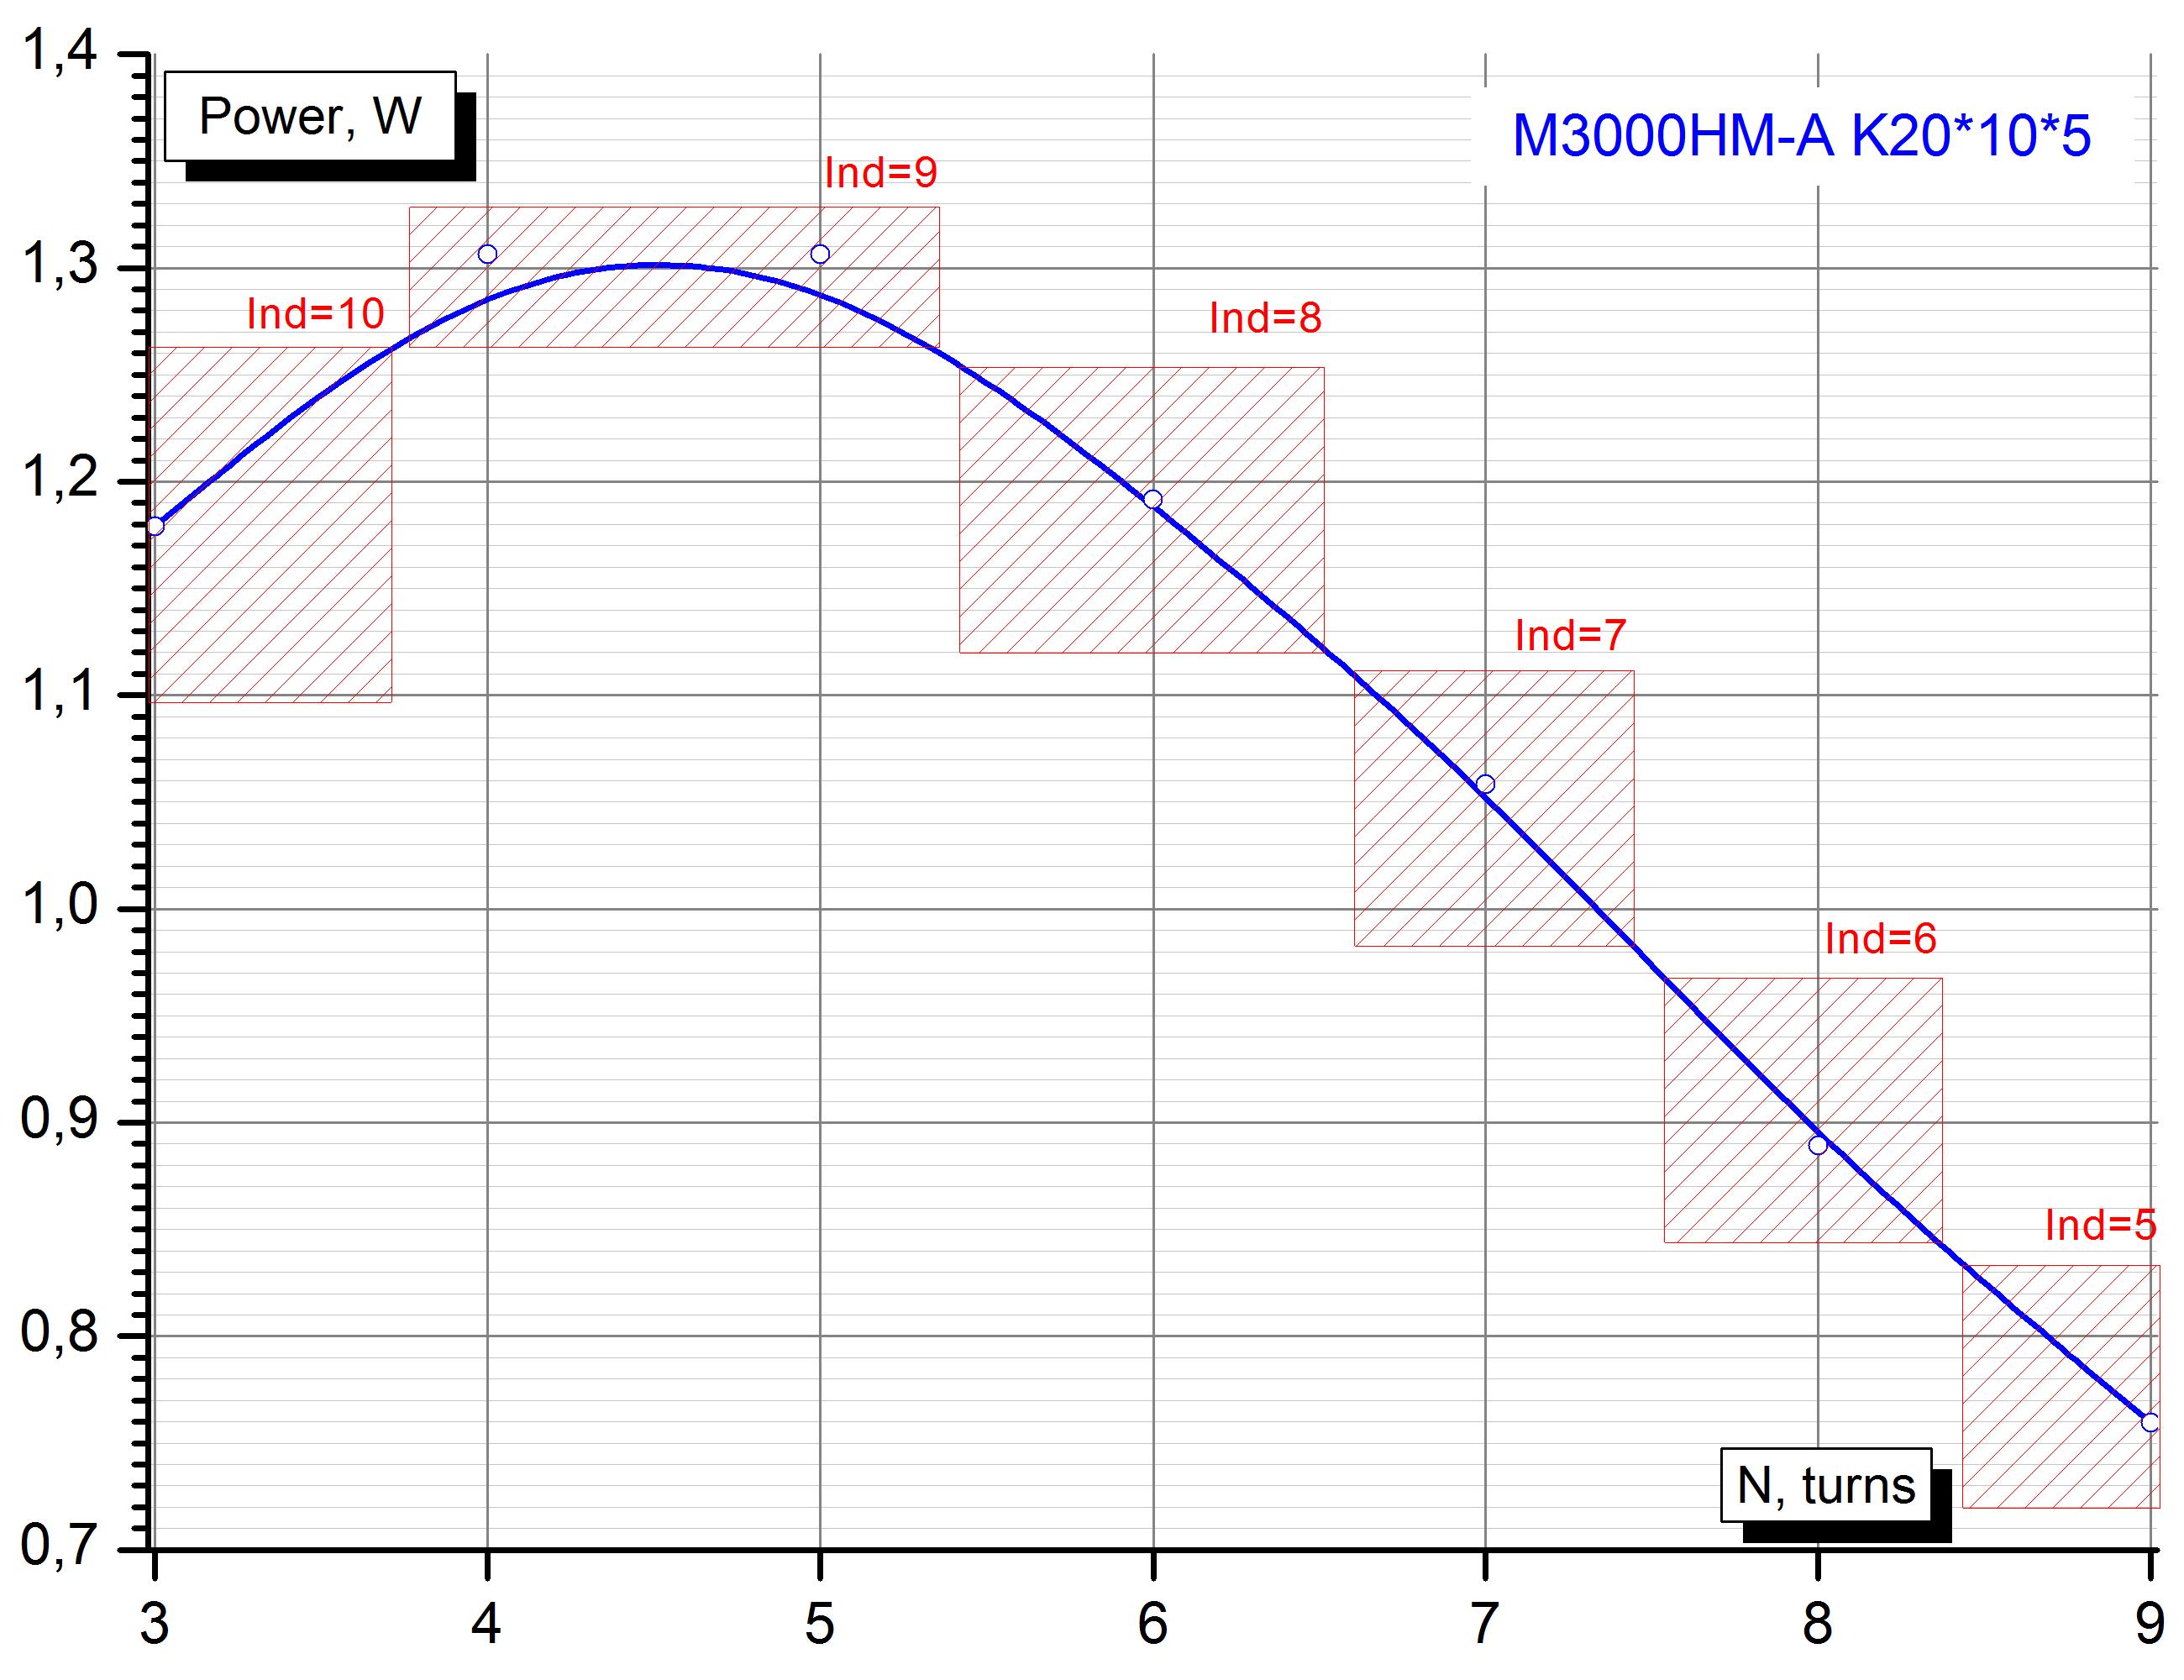 М3000НМ-А К20*10*5, оптимальное число витков первичной обмотки.